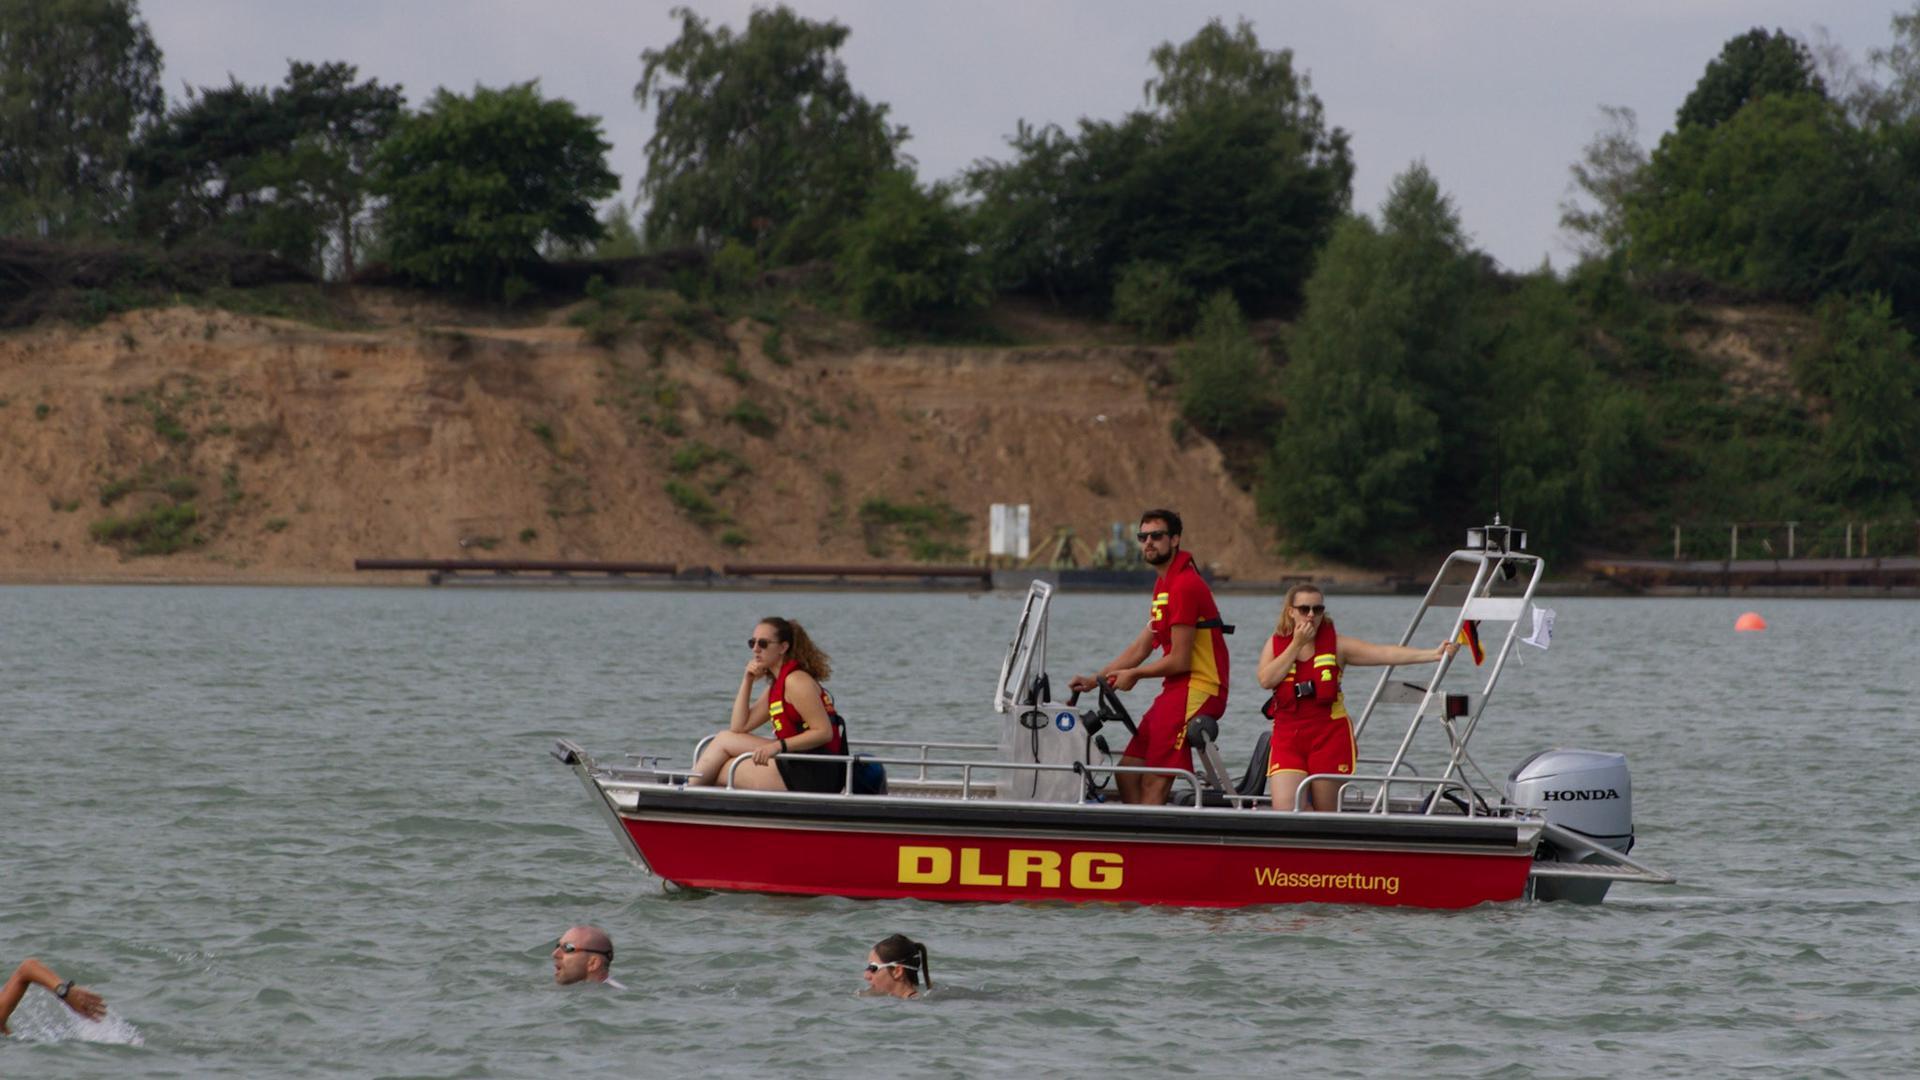 Boot mit Aufschrift DLRG und Schwimmer im Vordergrund